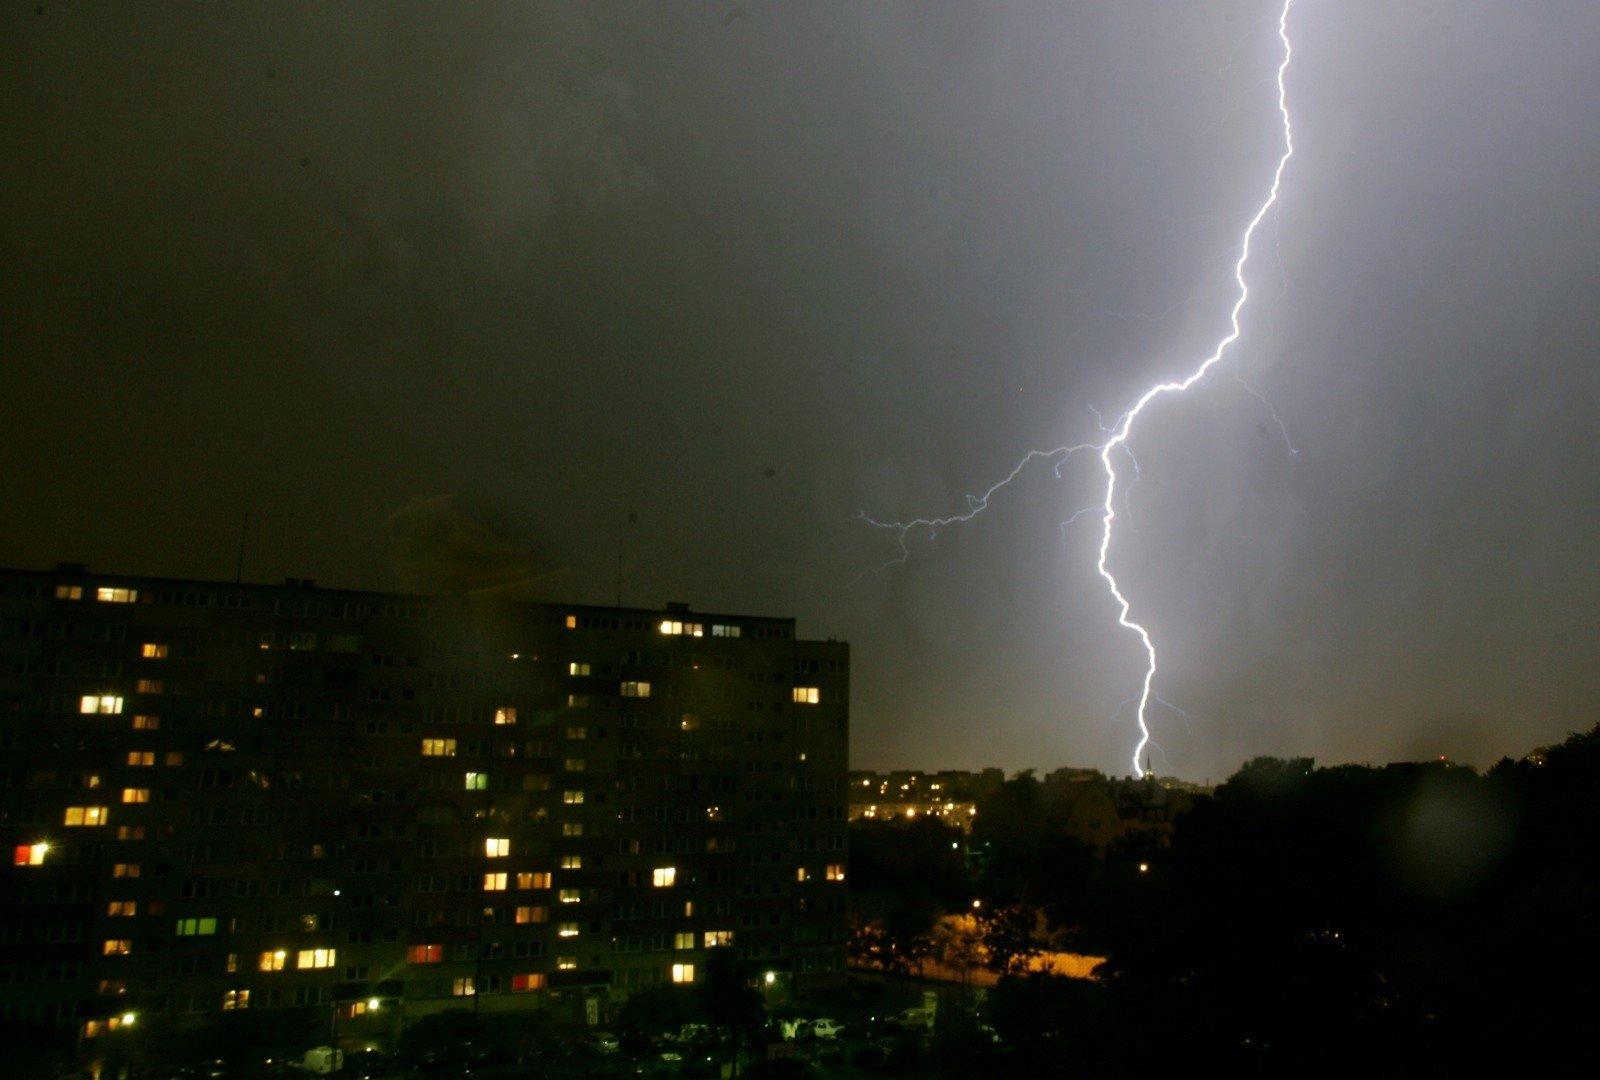 Gdzie jest burza dziś 11.06.2020? Kiedy będzie burza? Sprawdź na interaktywnej mapie [RADAR OPADÓW i BURZY, MAPA BURZOWA, MAPA BURZY ONLINE] | Dziennik Bałtycki